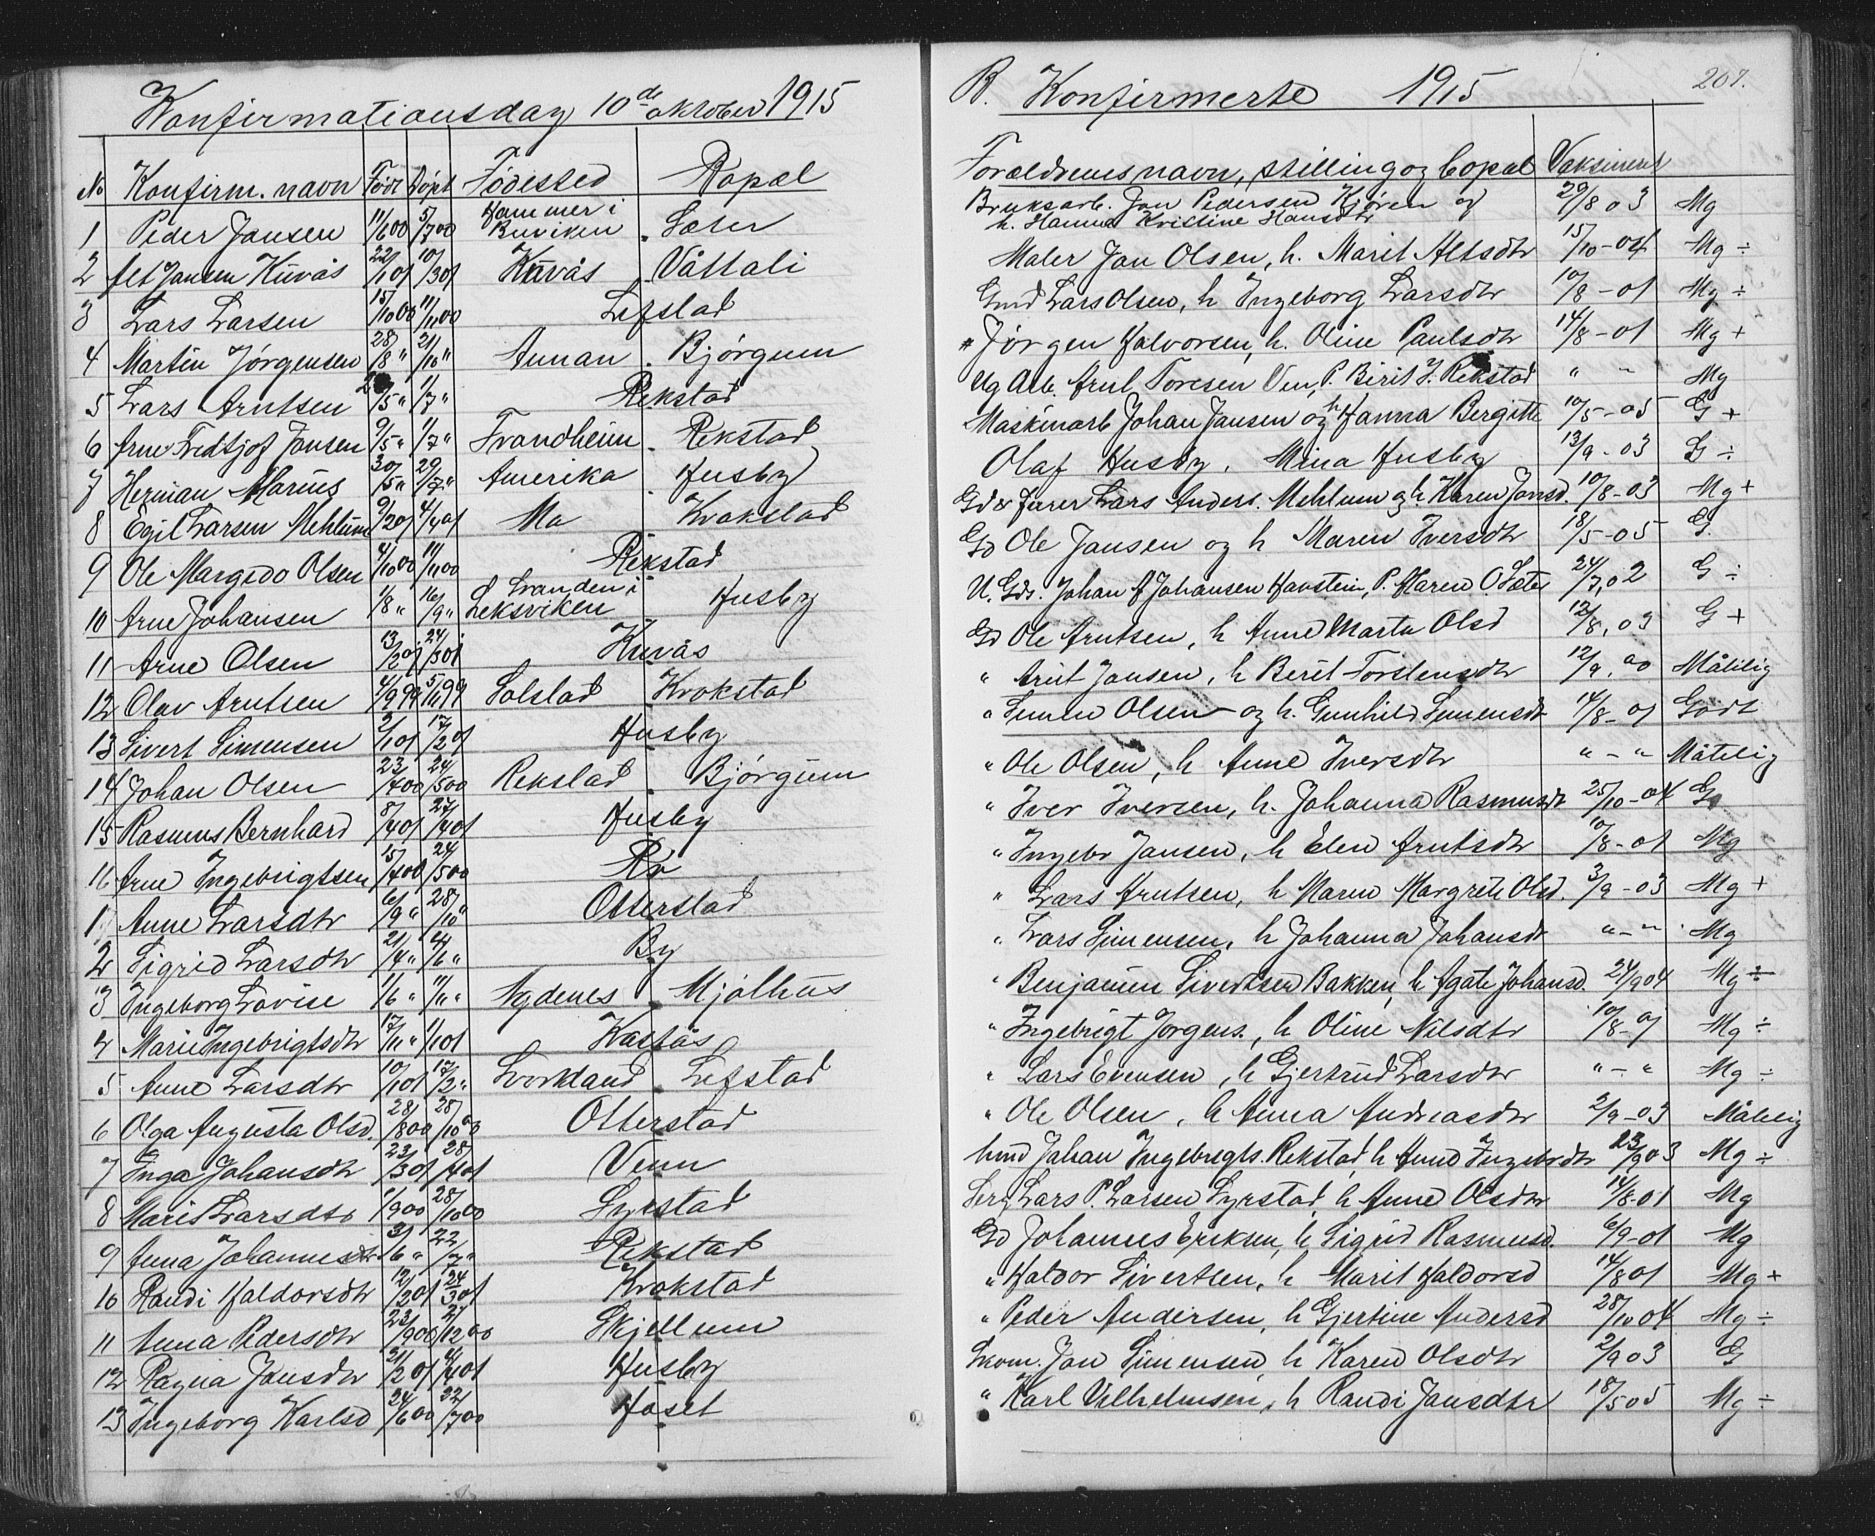 SAT, Ministerialprotokoller, klokkerbøker og fødselsregistre - Sør-Trøndelag, 667/L0798: Klokkerbok nr. 667C03, 1867-1929, s. 207